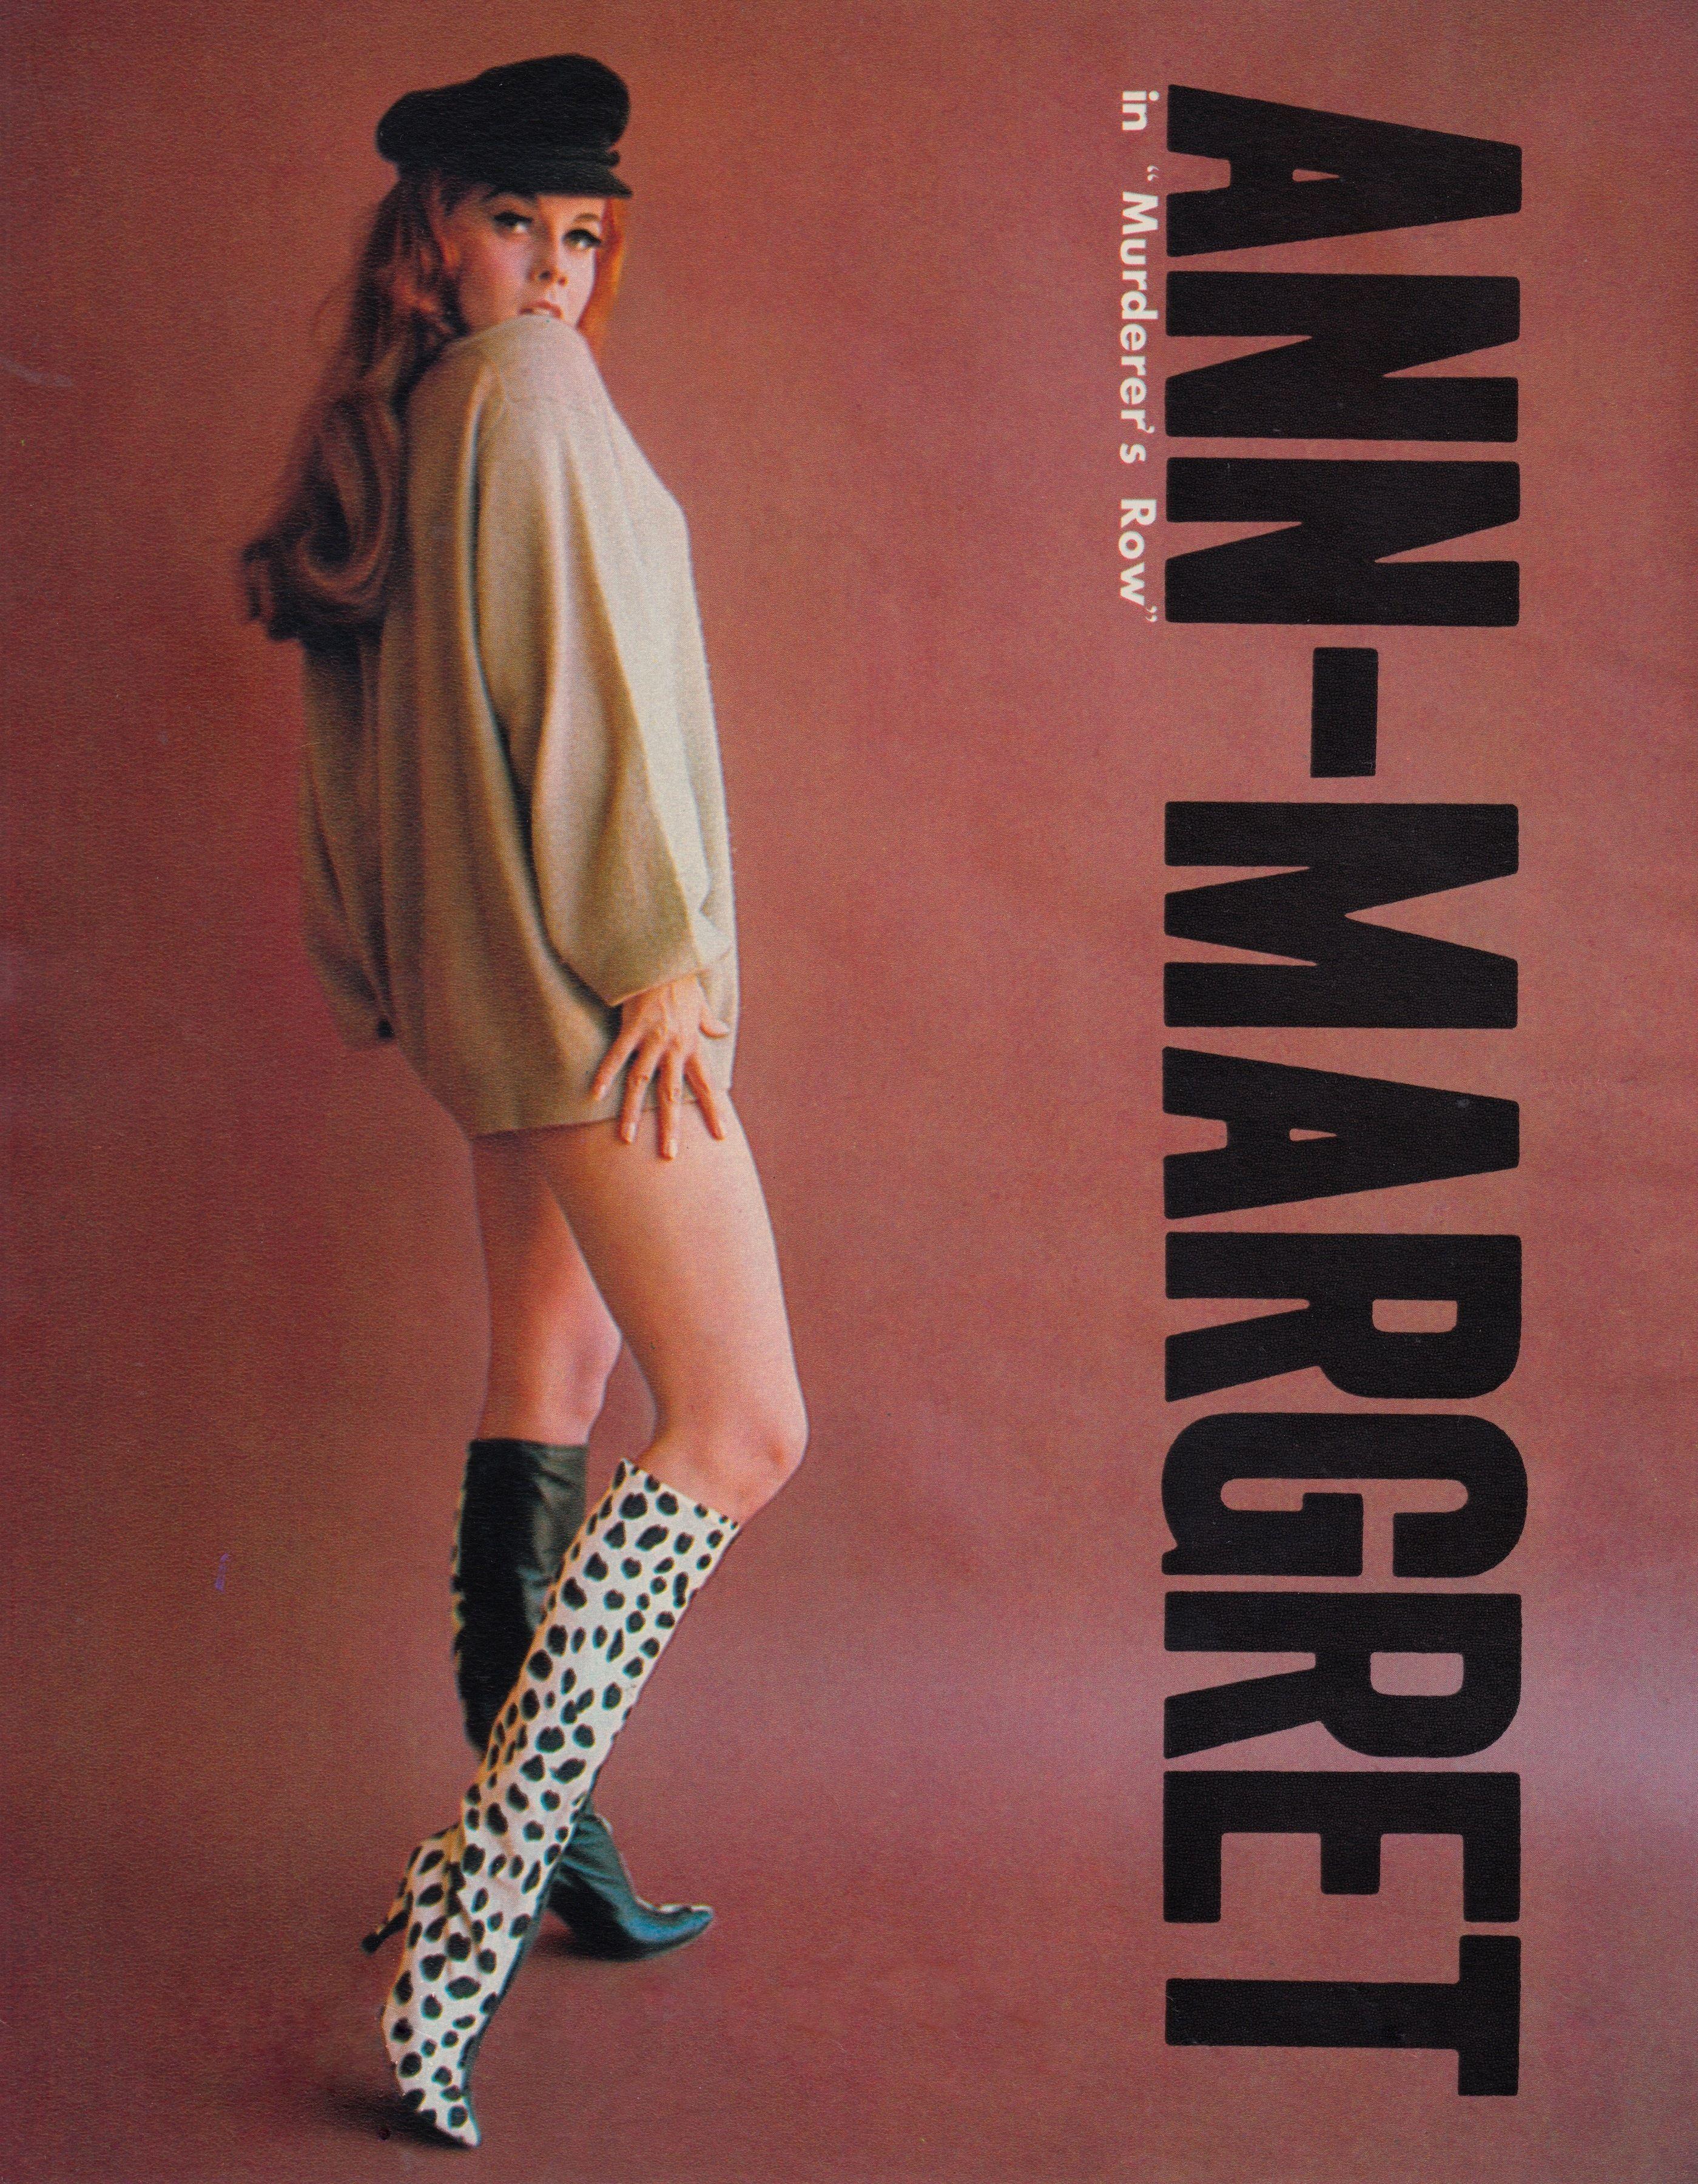 Ann margret murderers row 1966 mod outfit by moss mabry minkshmink